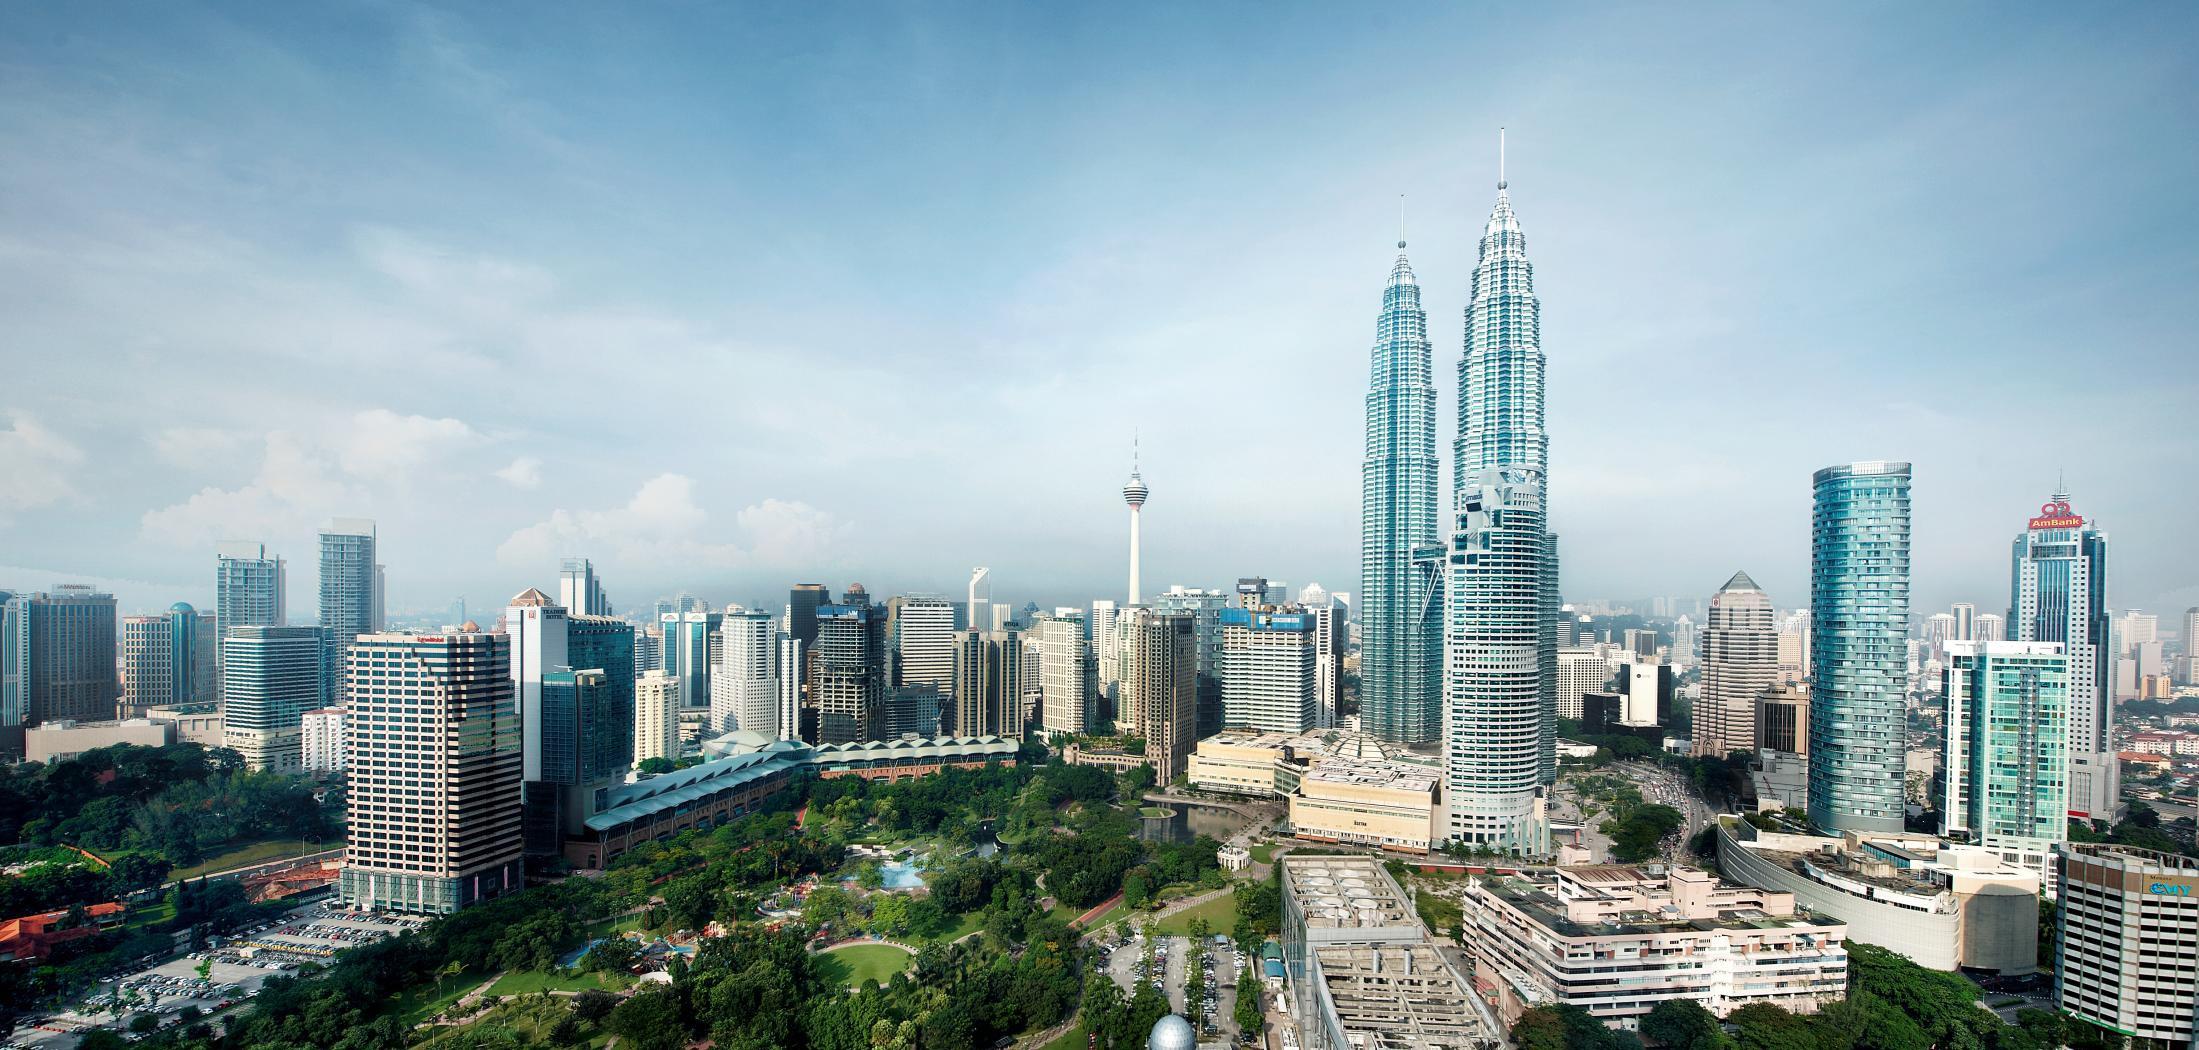 malaysia-homes-invesment-kuala-lumpur-penang-